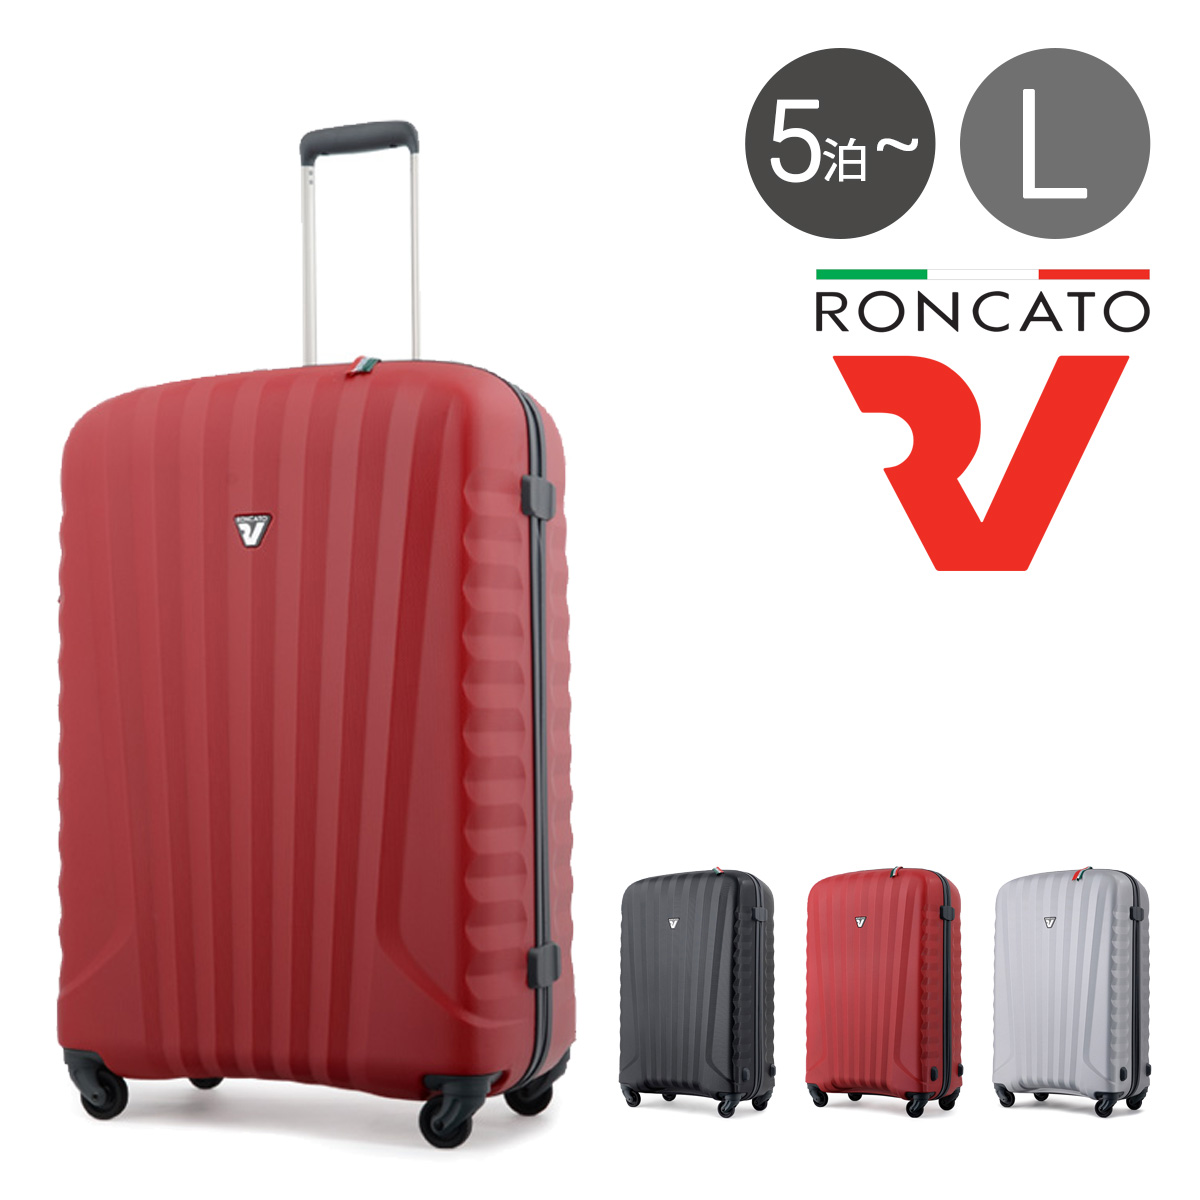 ロンカート スーツケース 5072 UNO ZIP ZSL 71cm 【 ウノ ジッパー 10年保証 】【 1431 軽量 イタリア製 キャリーケース TSAロック搭載 】[bef][PO10]